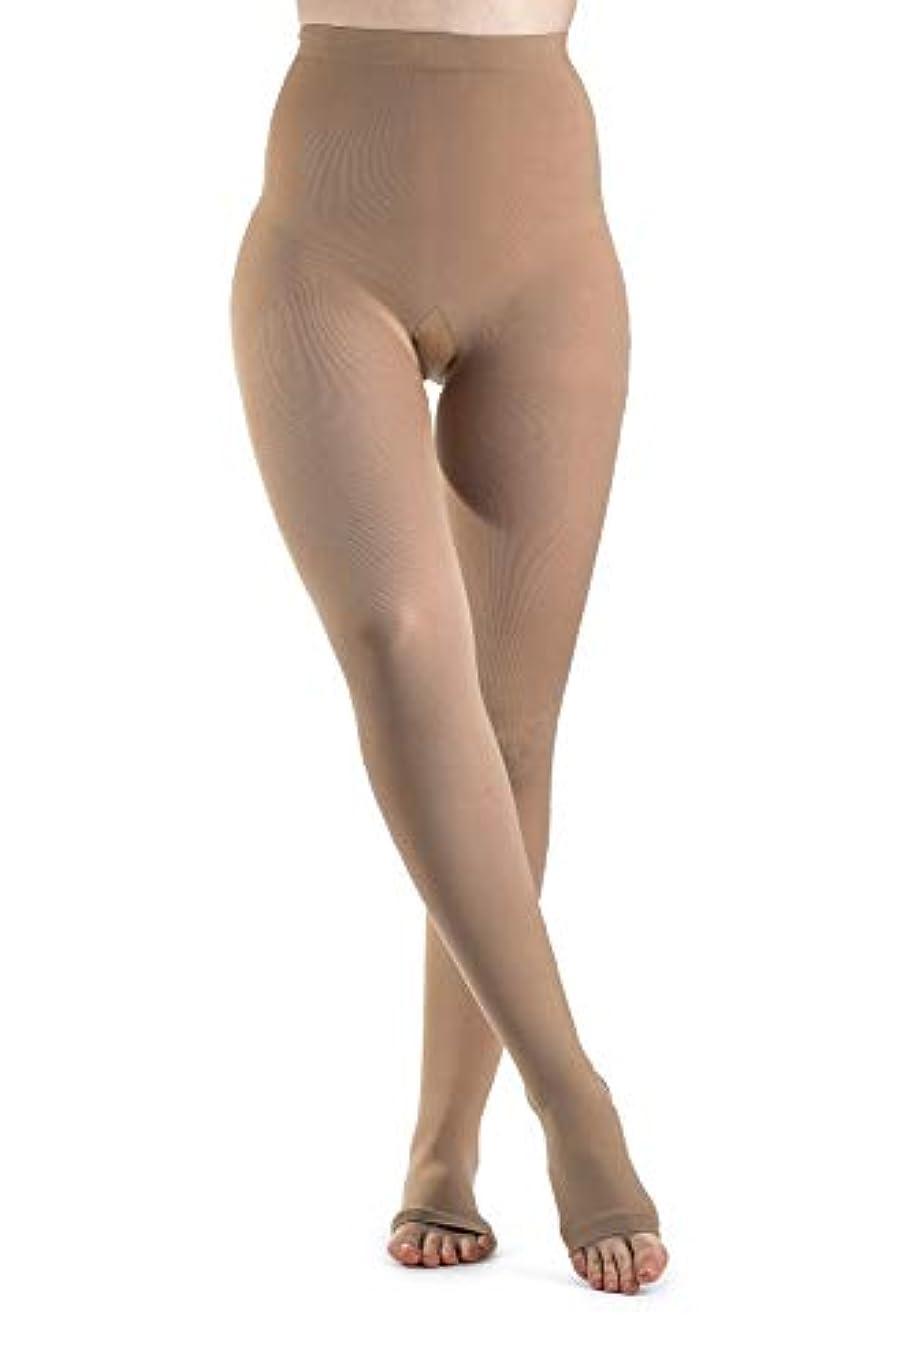 マリナー膨らみ定規Sigvaris Soft Opaque 841PLLO35 15-20mmHg Open Toe, Pantyhose Large Long Women, Nude by Sigvaris